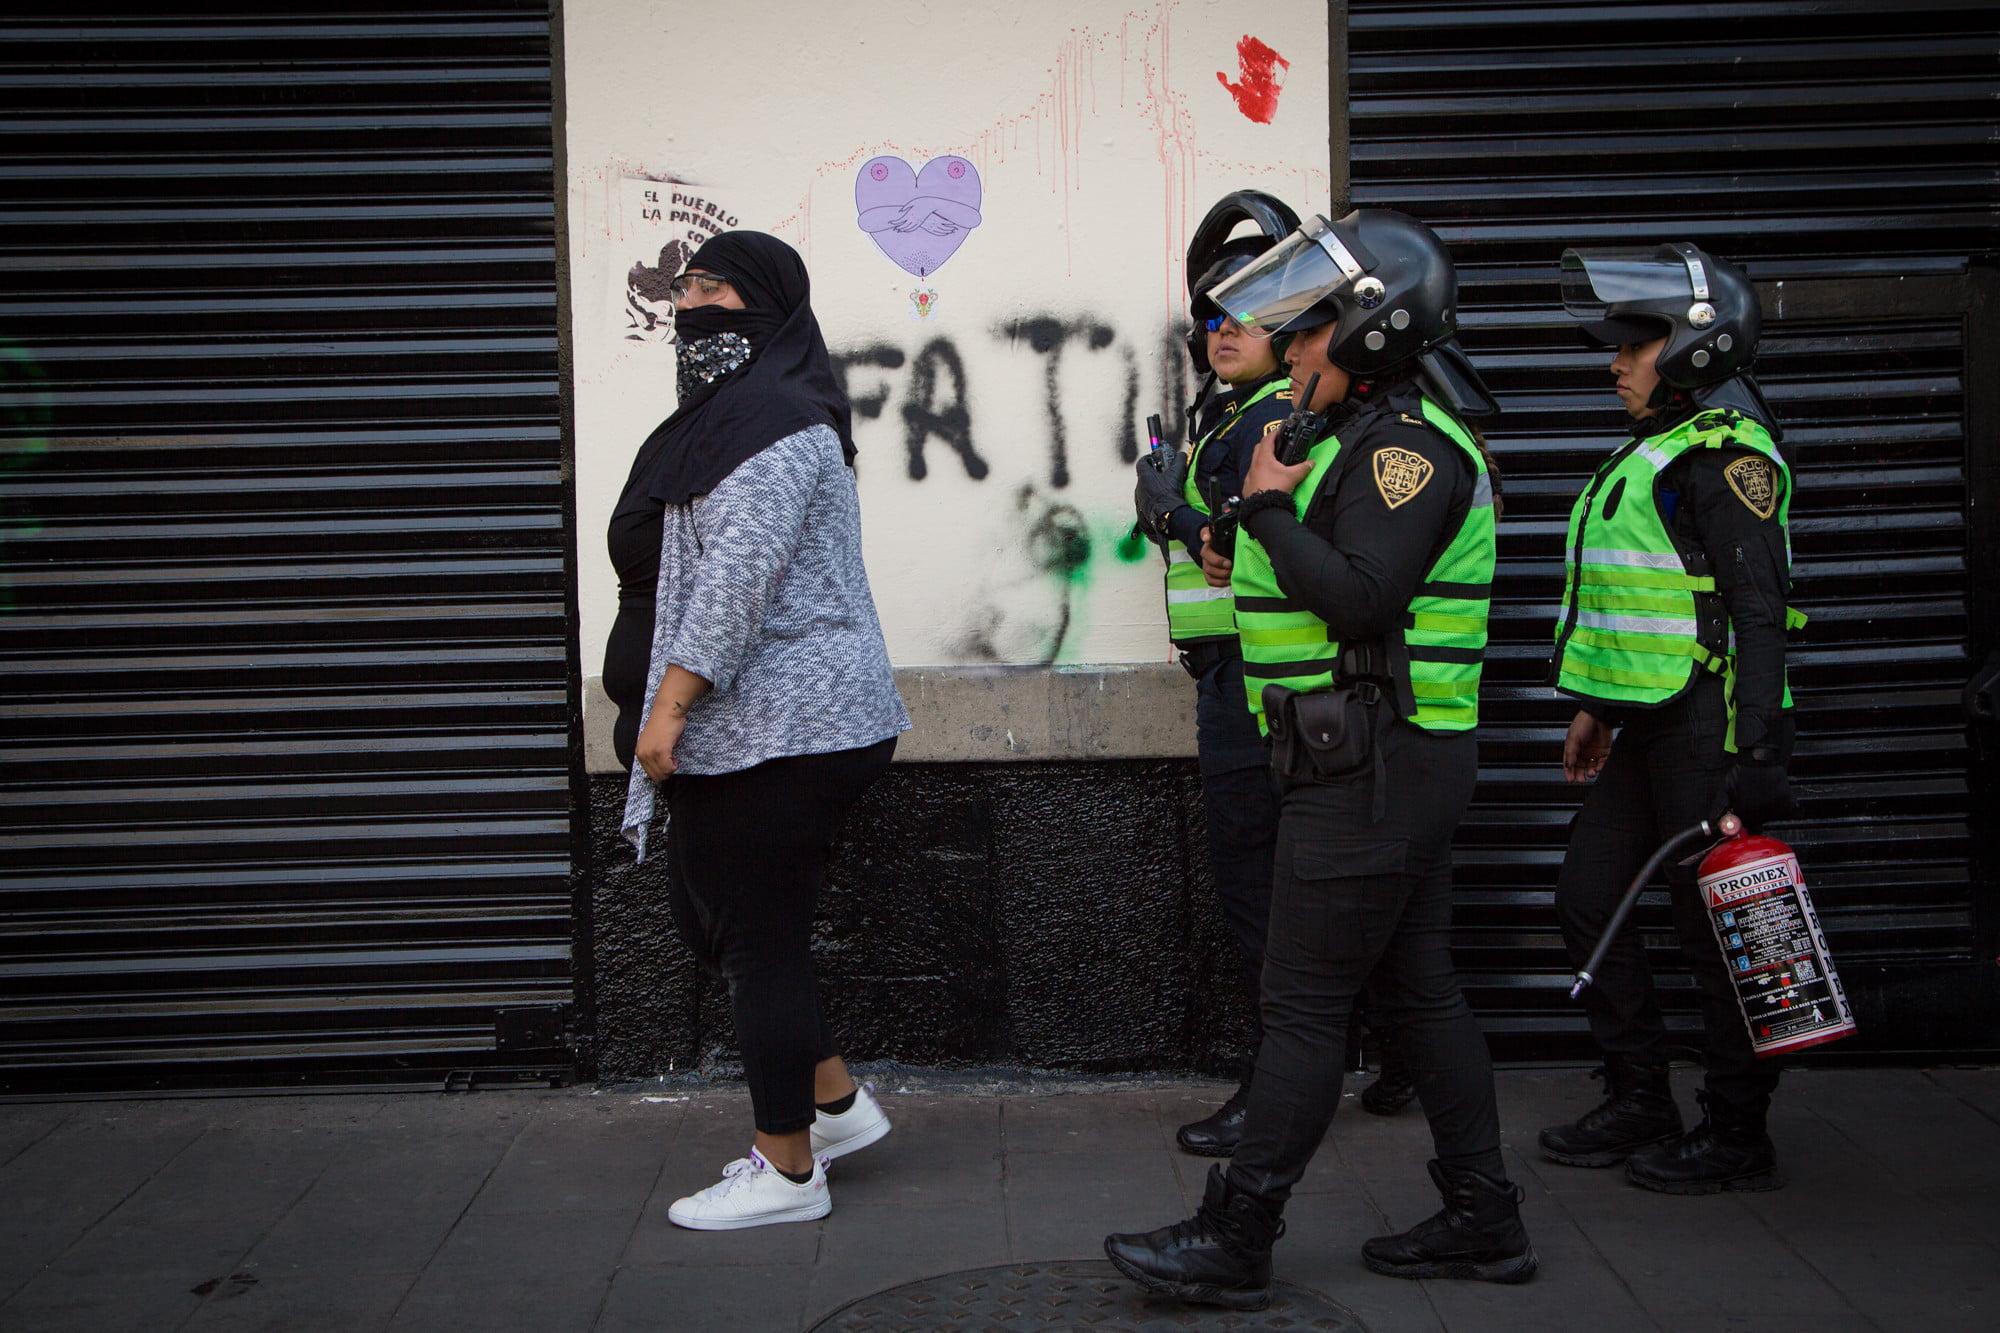 Tortura se mantiene vigente por autoridades mexicanas y en la impunidad